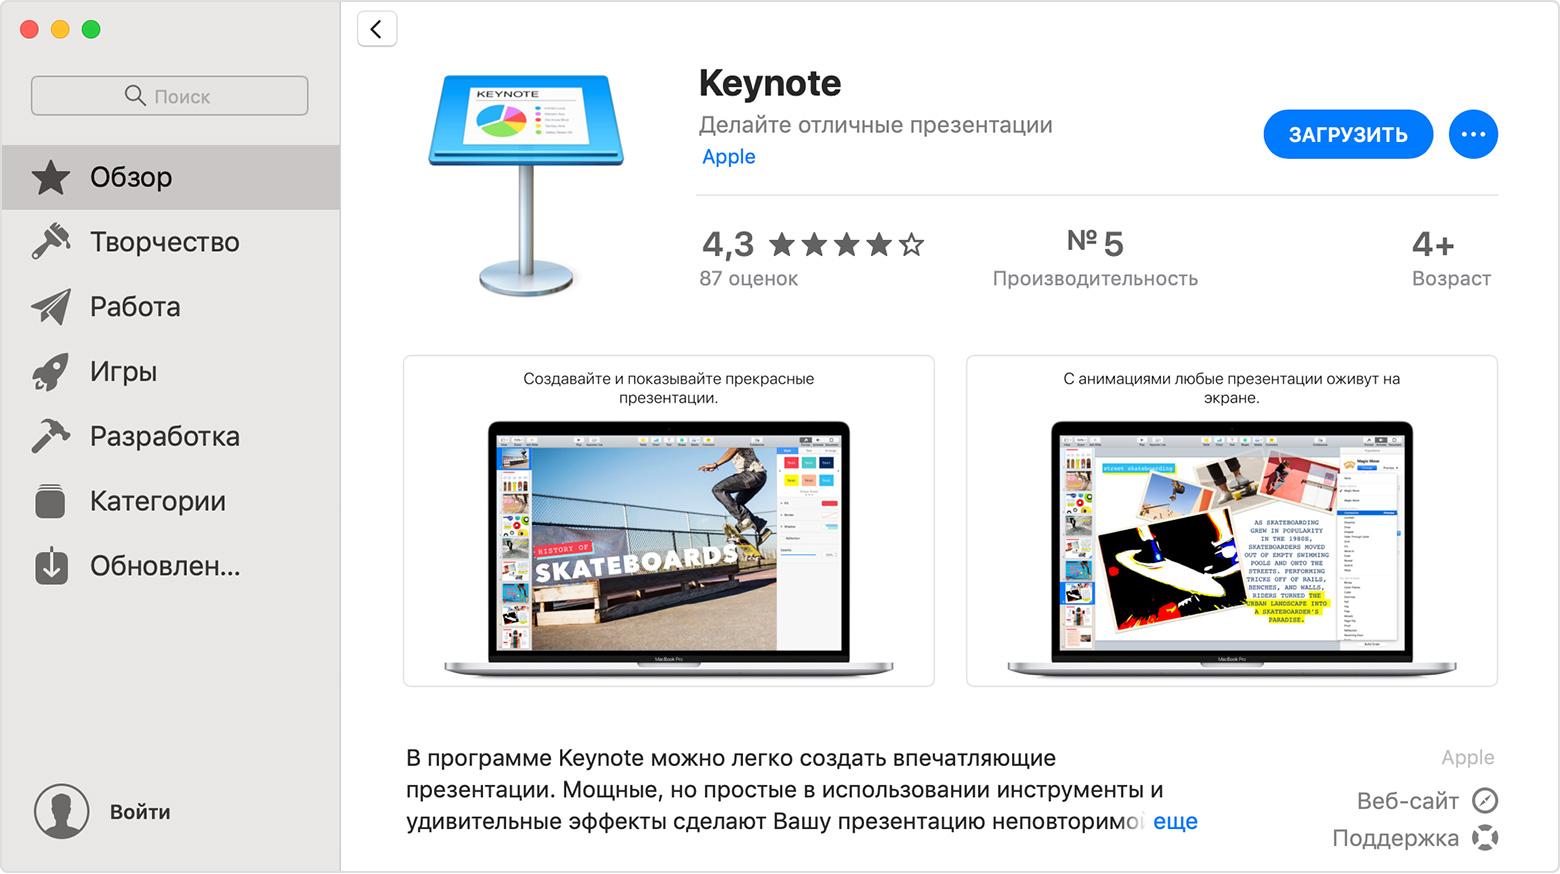 Окно AppStore со страницей сведений о программе Keynote на компьютере Mac